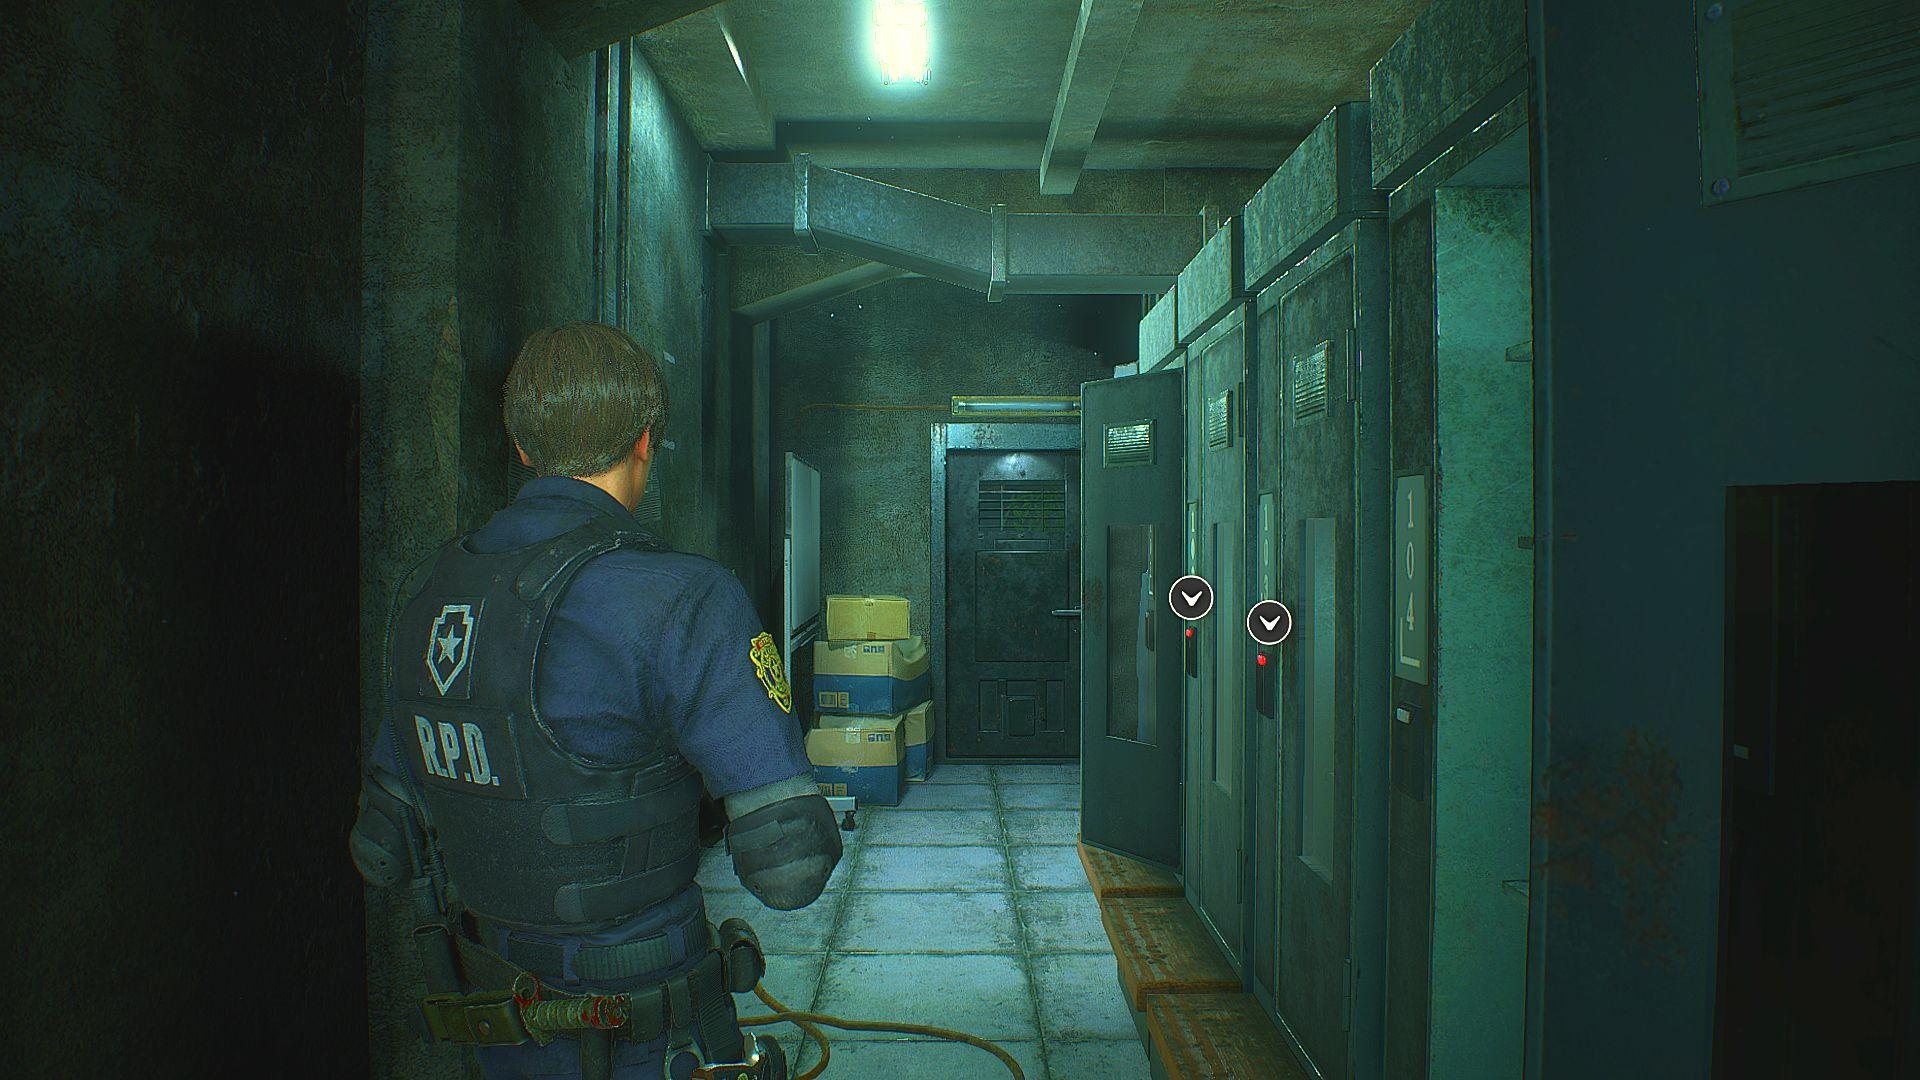 00041.Jpg - Resident Evil 2